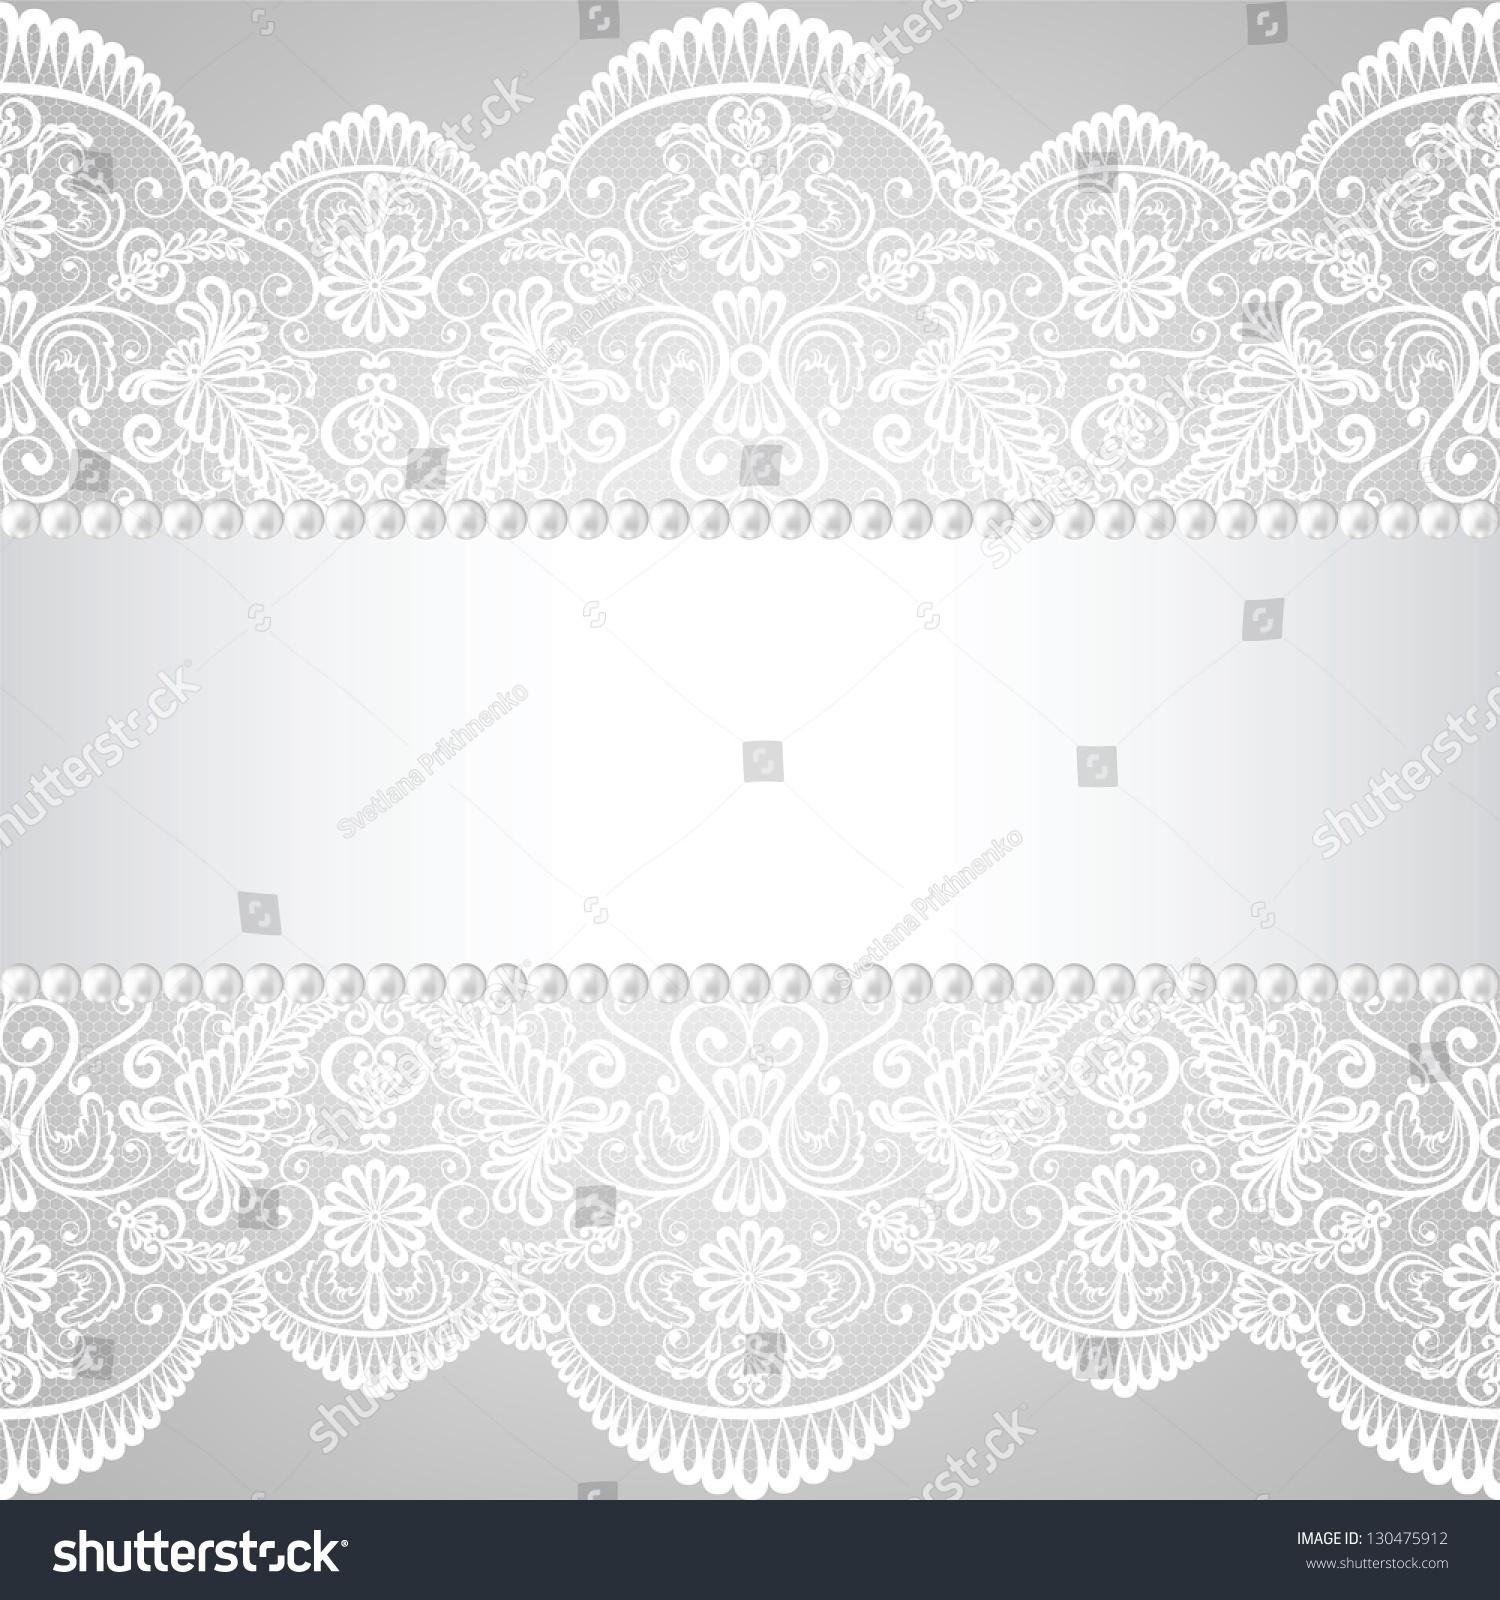 珍珠框架和花边的背景-背景/素材,假期-海洛创意()-合